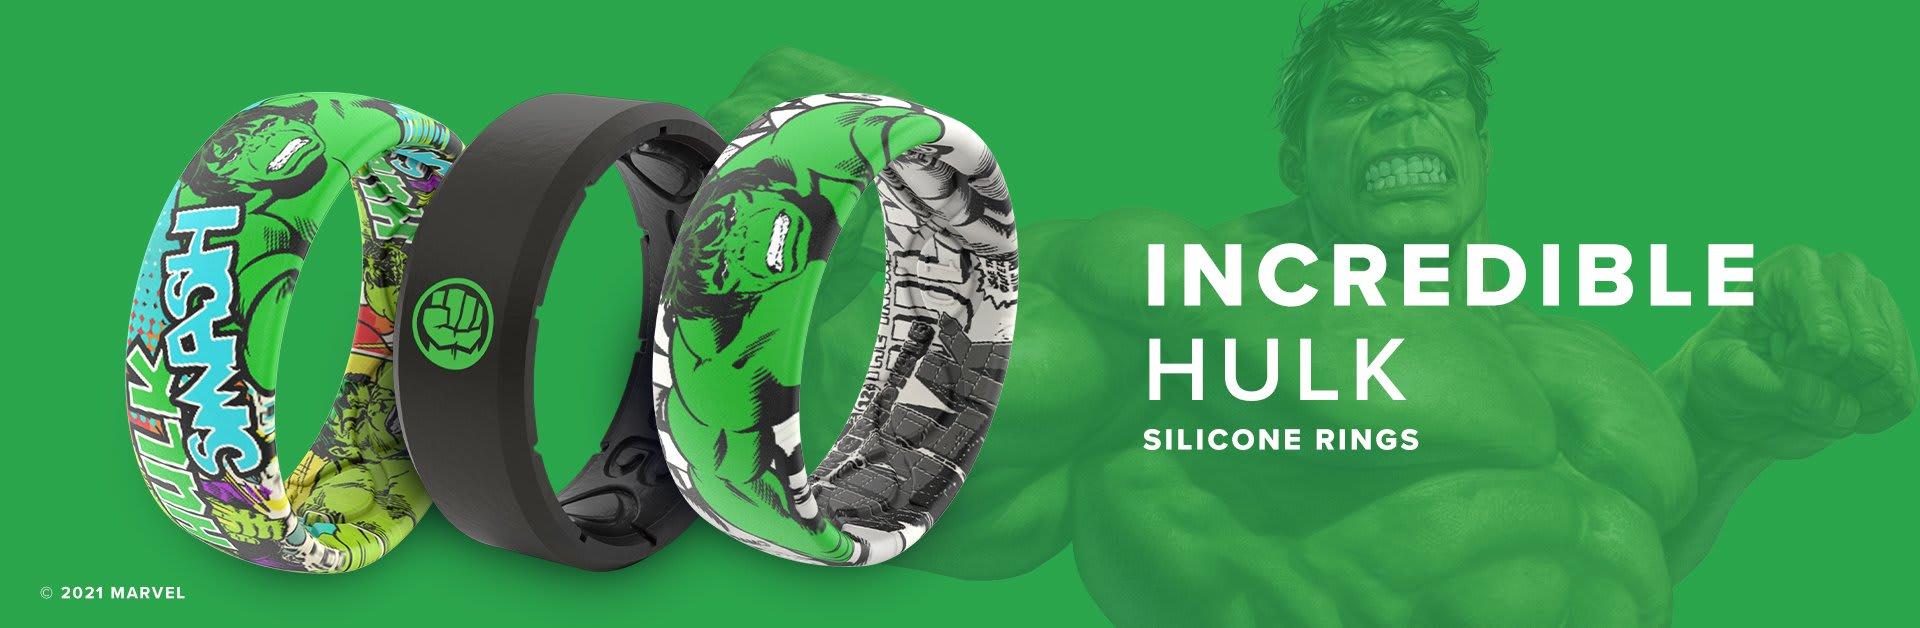 Hulk Silicone Rings